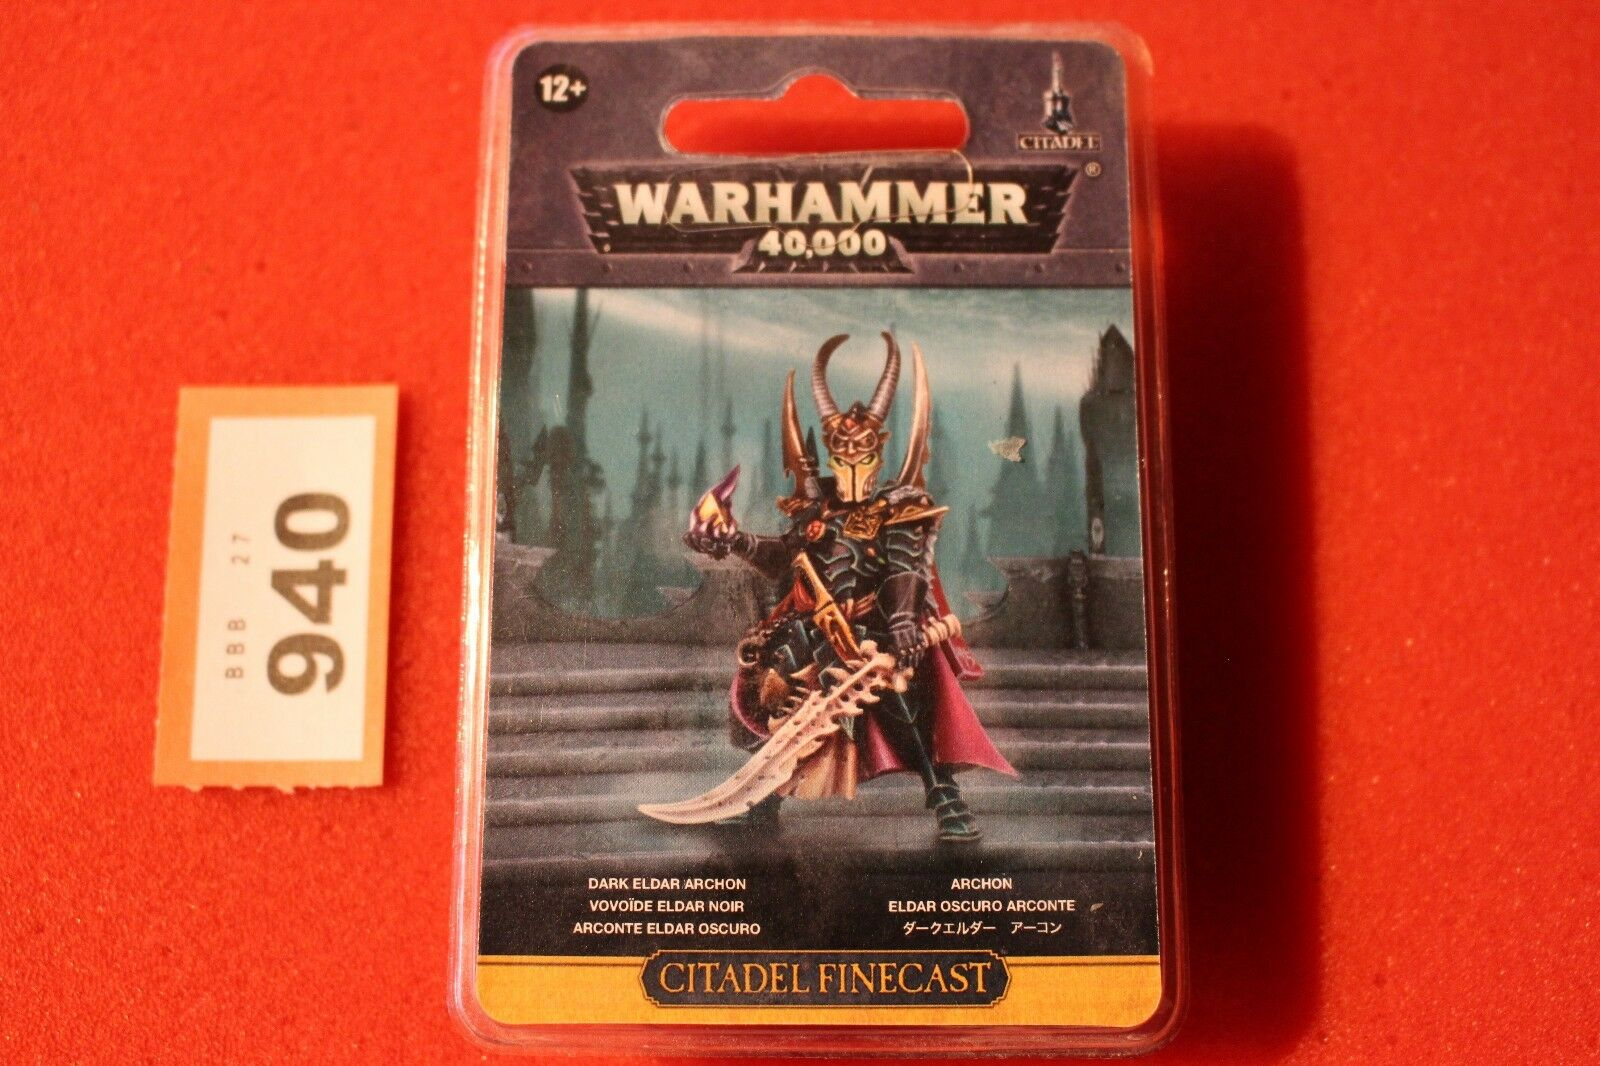 Games Workshop Warhammer 40K Dark Eldar Archon Finecast New BNIB OOP GW WH40K